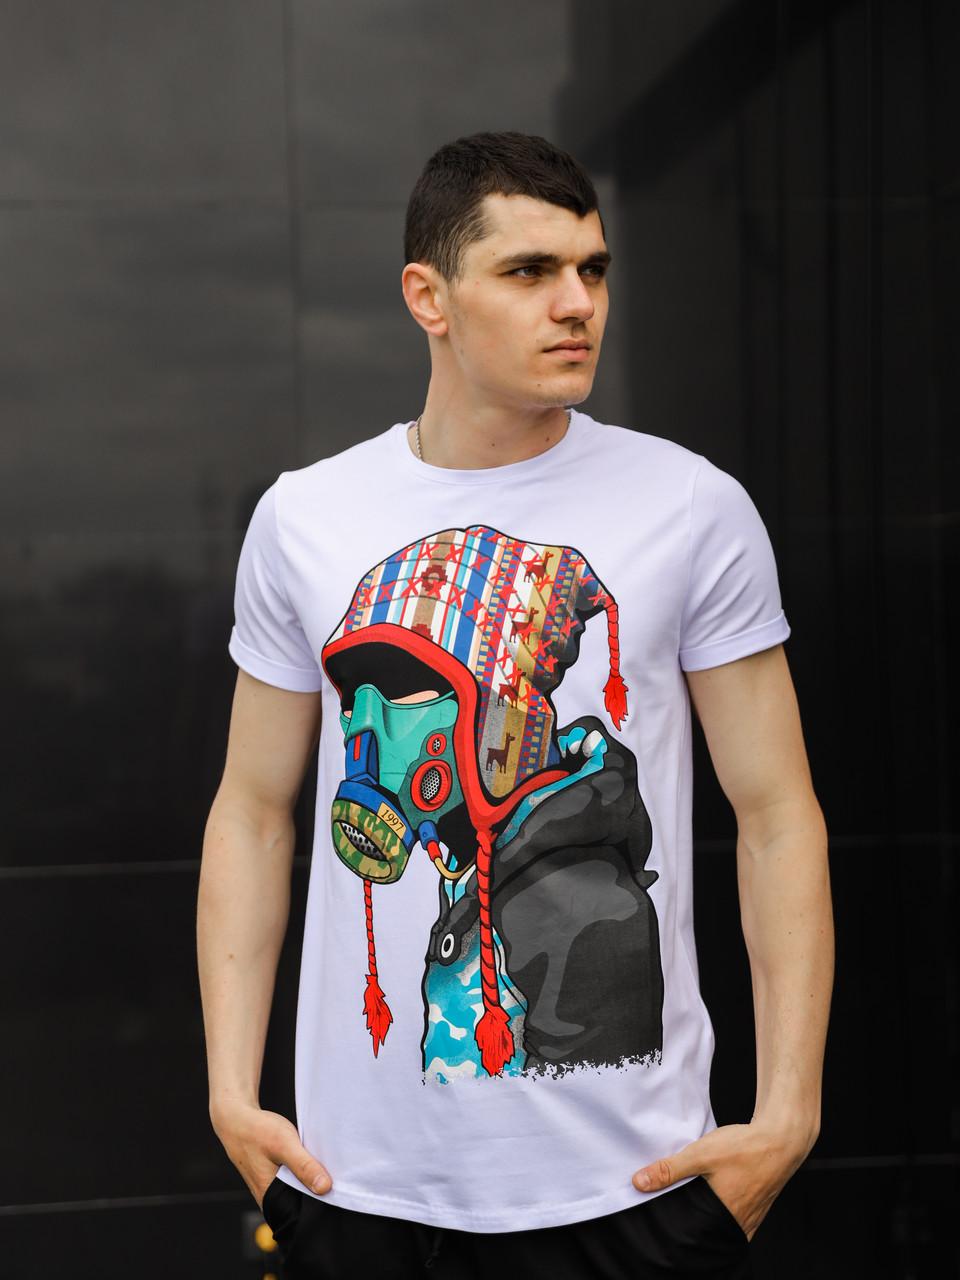 Чоловіча футболка біла з накатом на грудях / Якісна і стильна чоловіча футболка